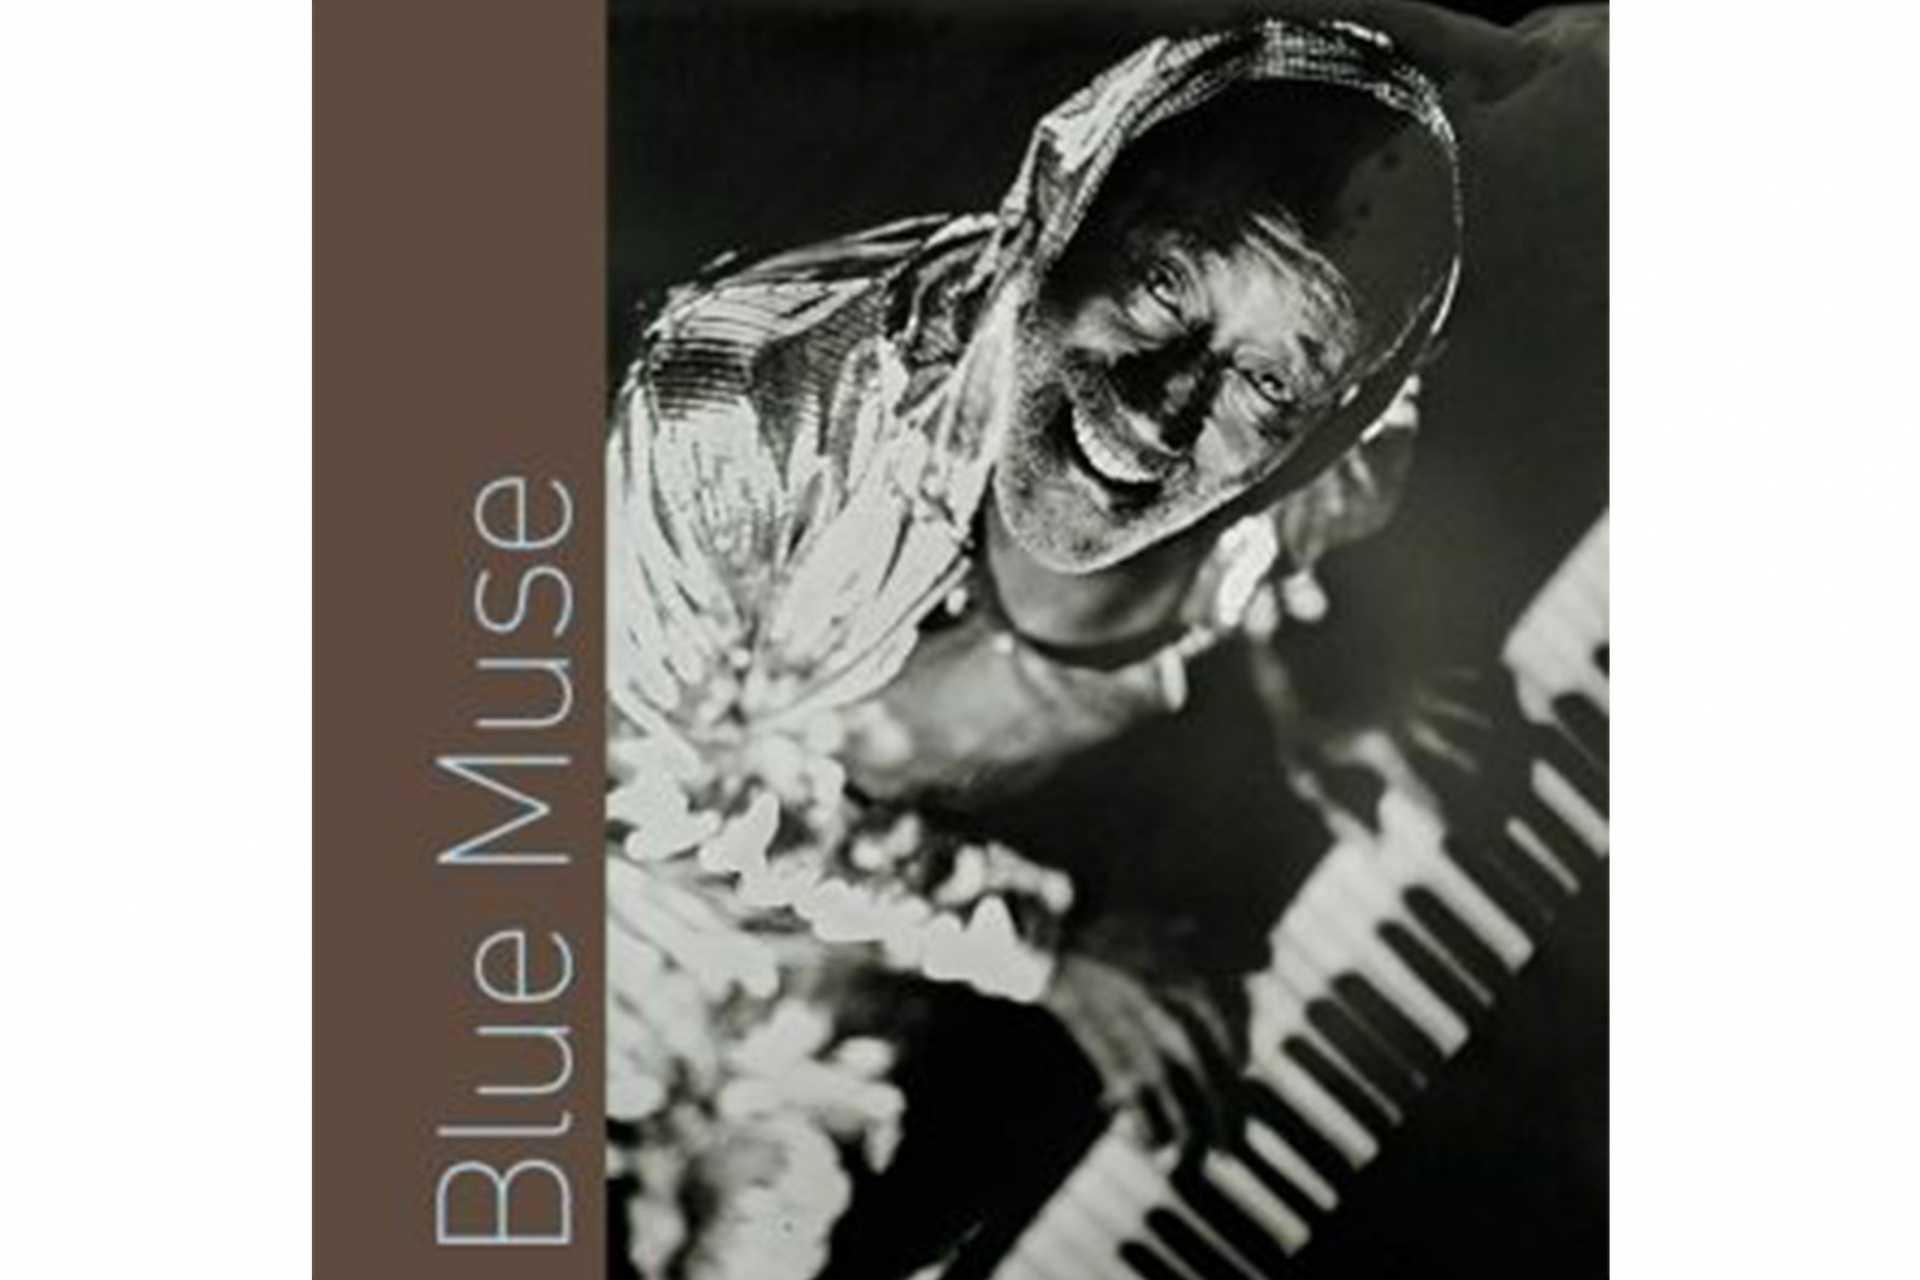 エリック・クラプトン、タジ・マハールらが参加したコンピレーション・アルバム『Blue Muse』が発売